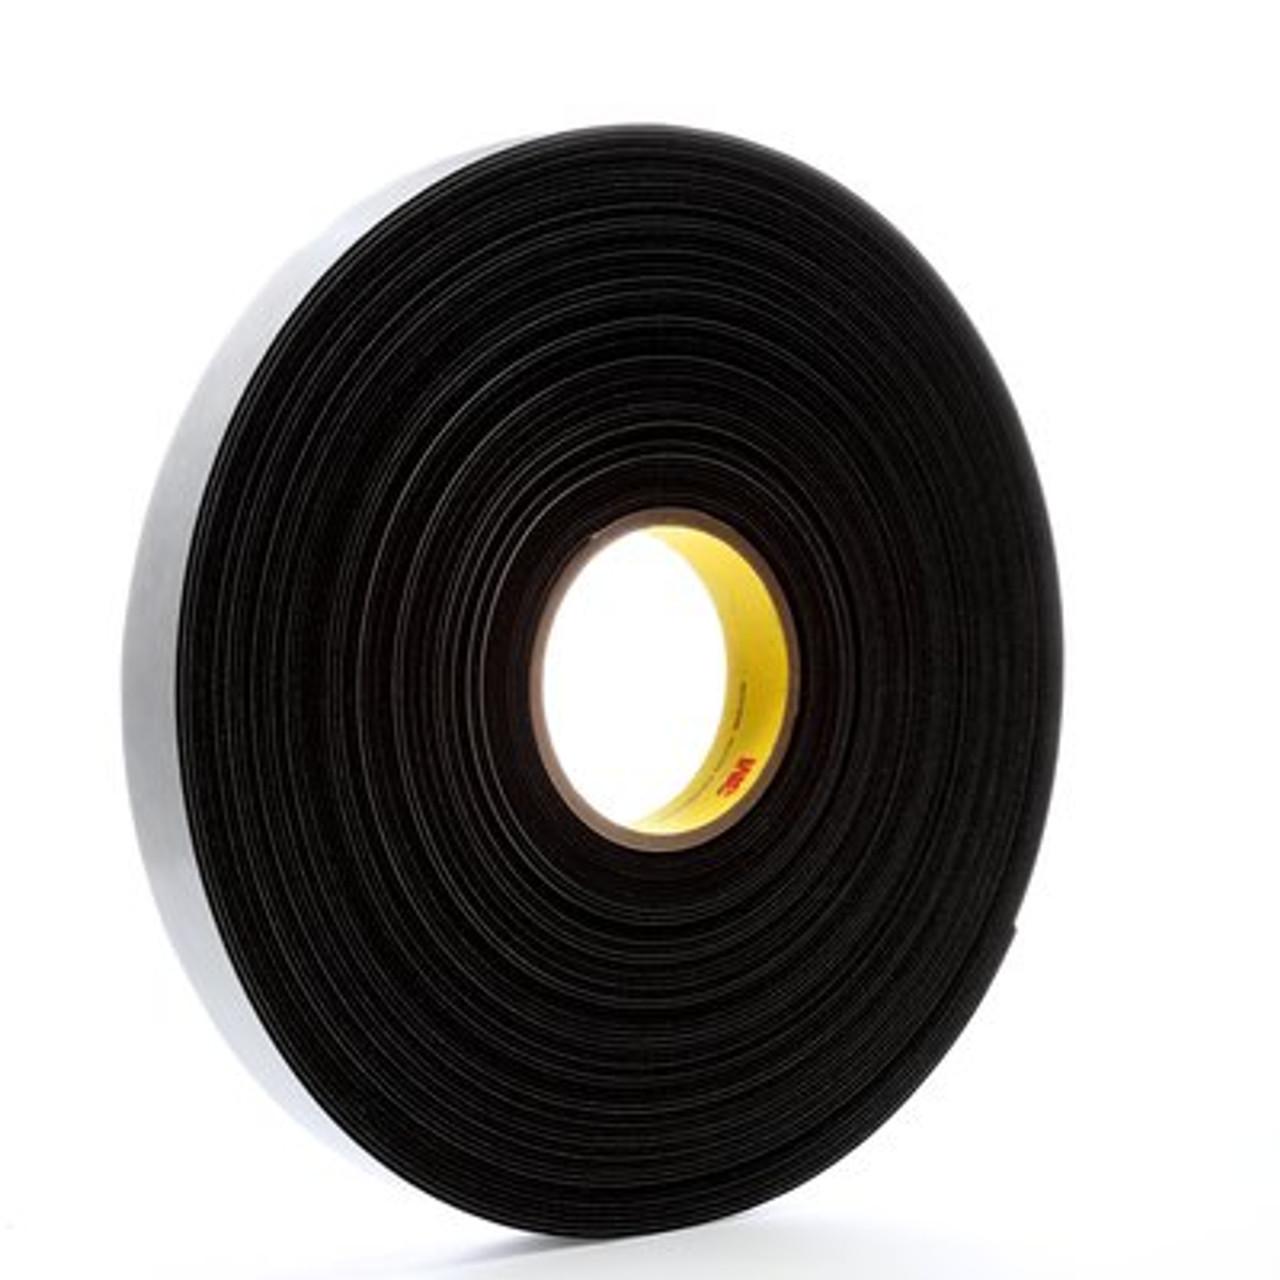 3M™ Vinyl Foam Tape 4516 Black, 1 in x 36 yd